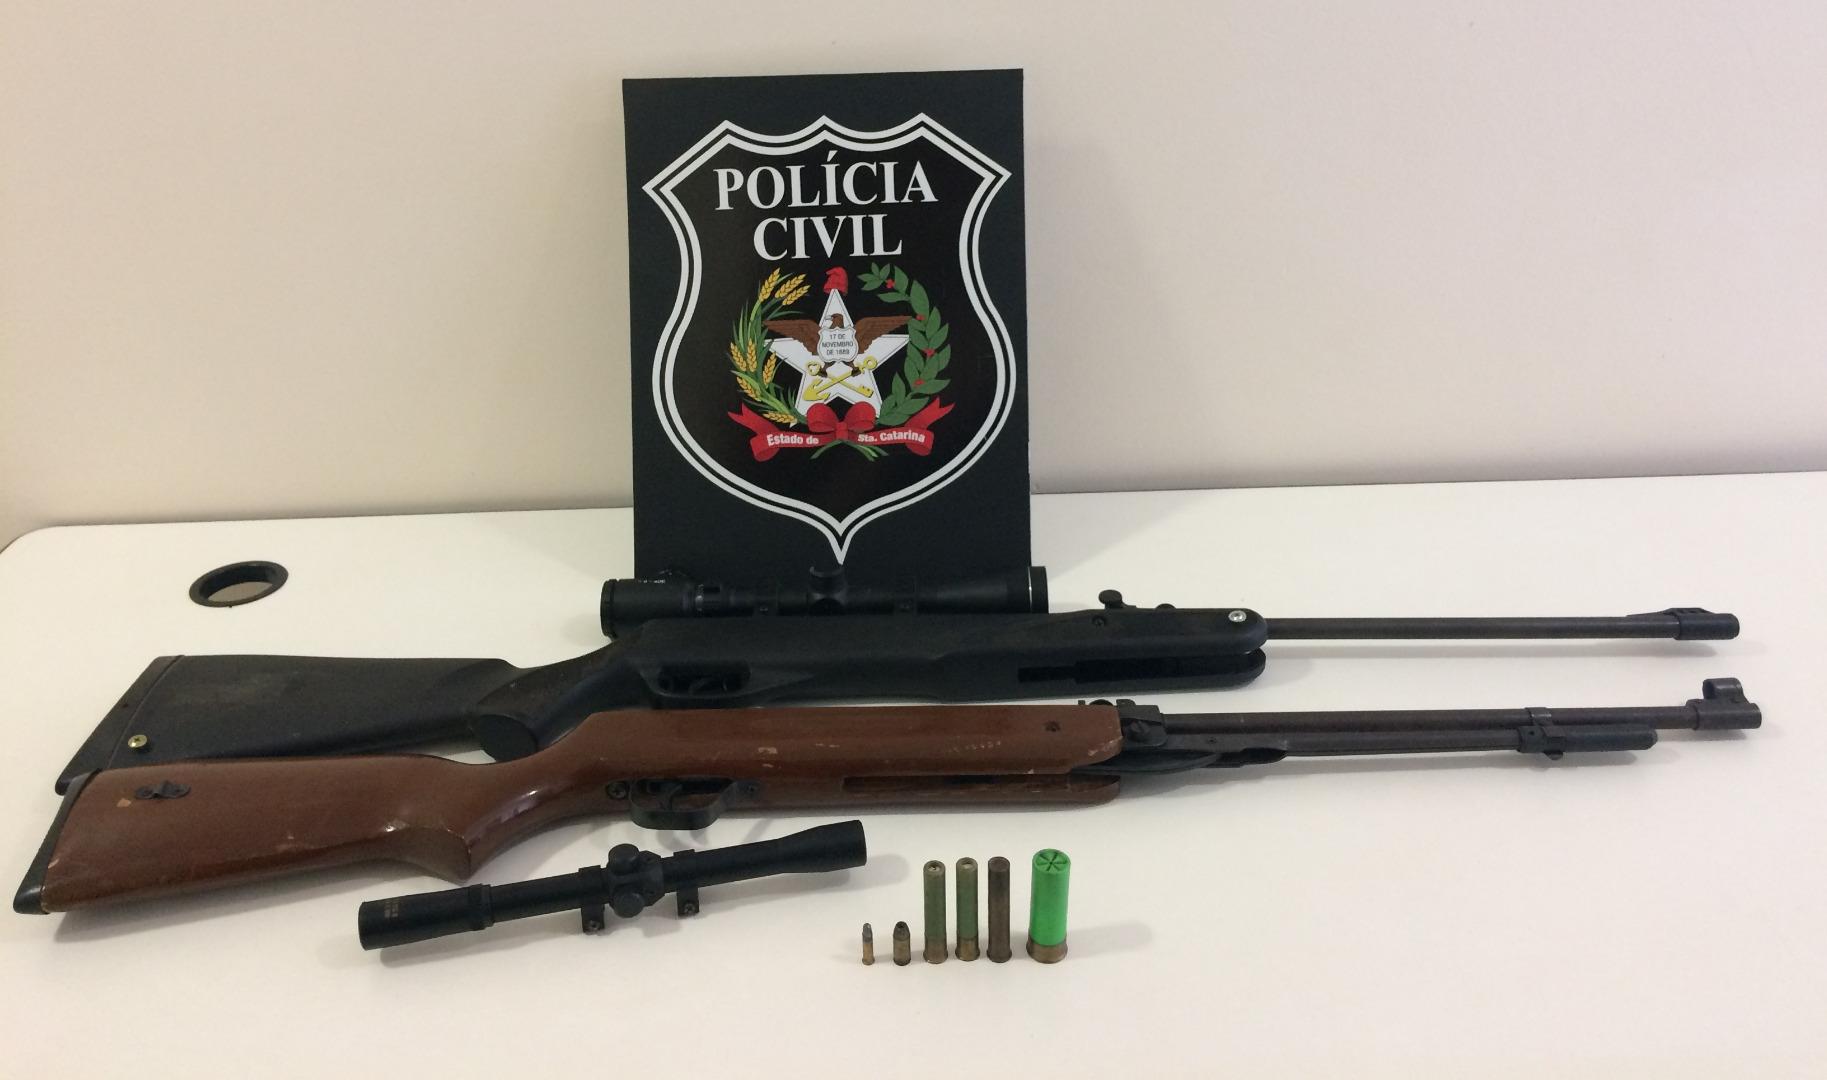 Homem é preso com armas após criança levar munição para escola